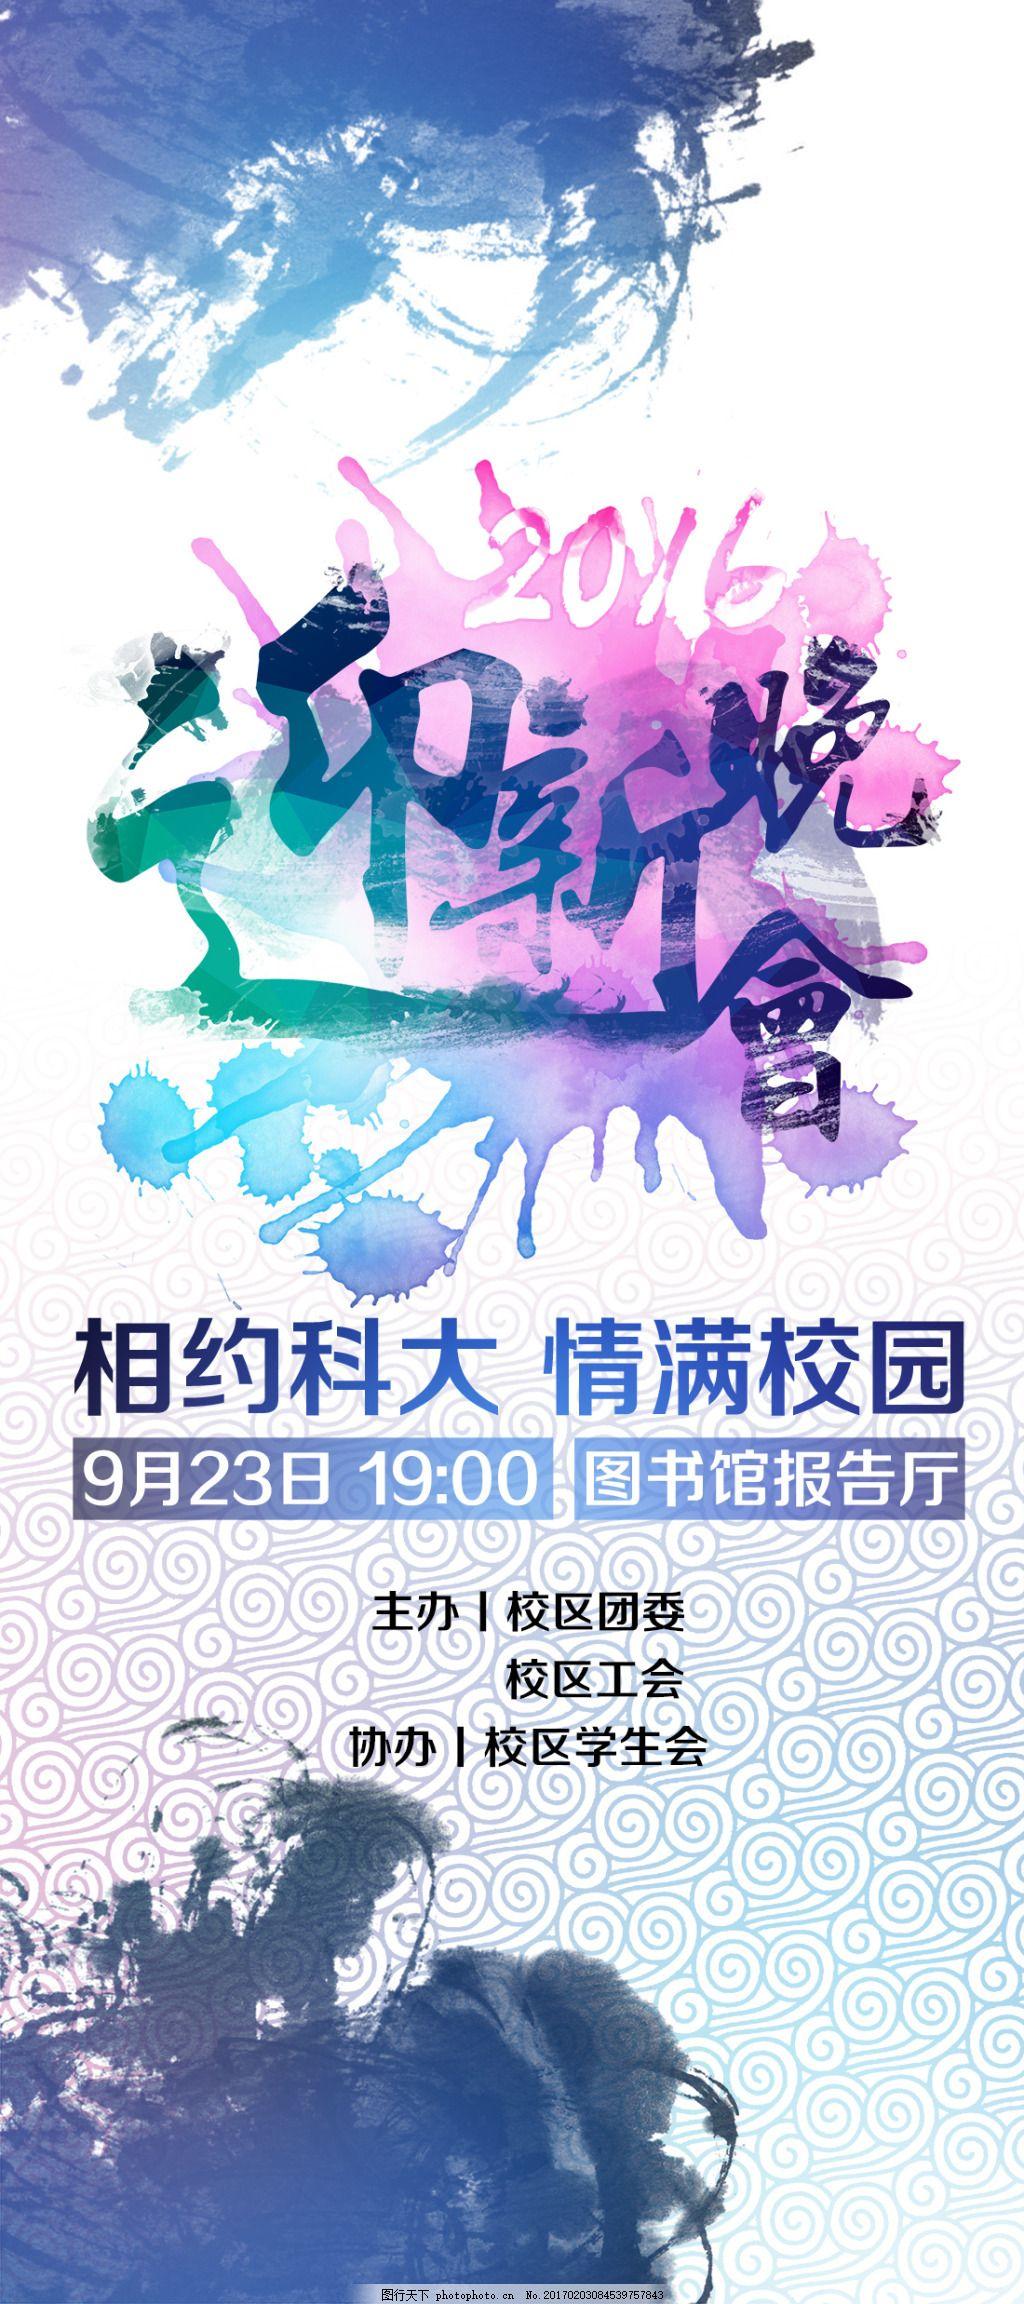 迎新晚会竖版海报 学生会活动海报 学生会活动宣传 迎新晚会 迎新晚会